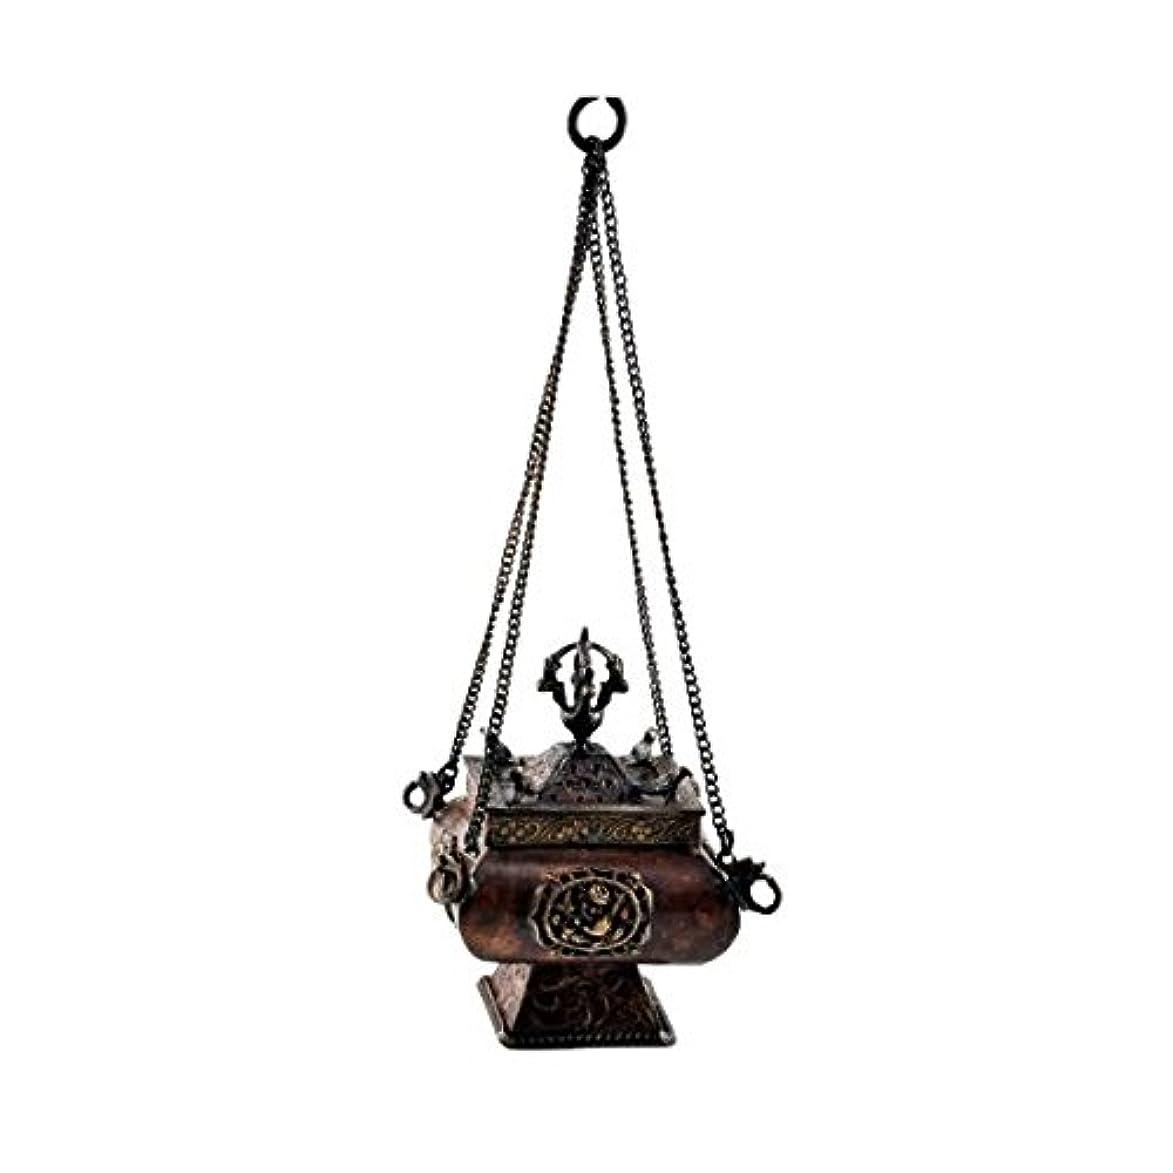 標高是正する絵プレミアム品質銅真鍮Hanging Incense Burner Incense Burner